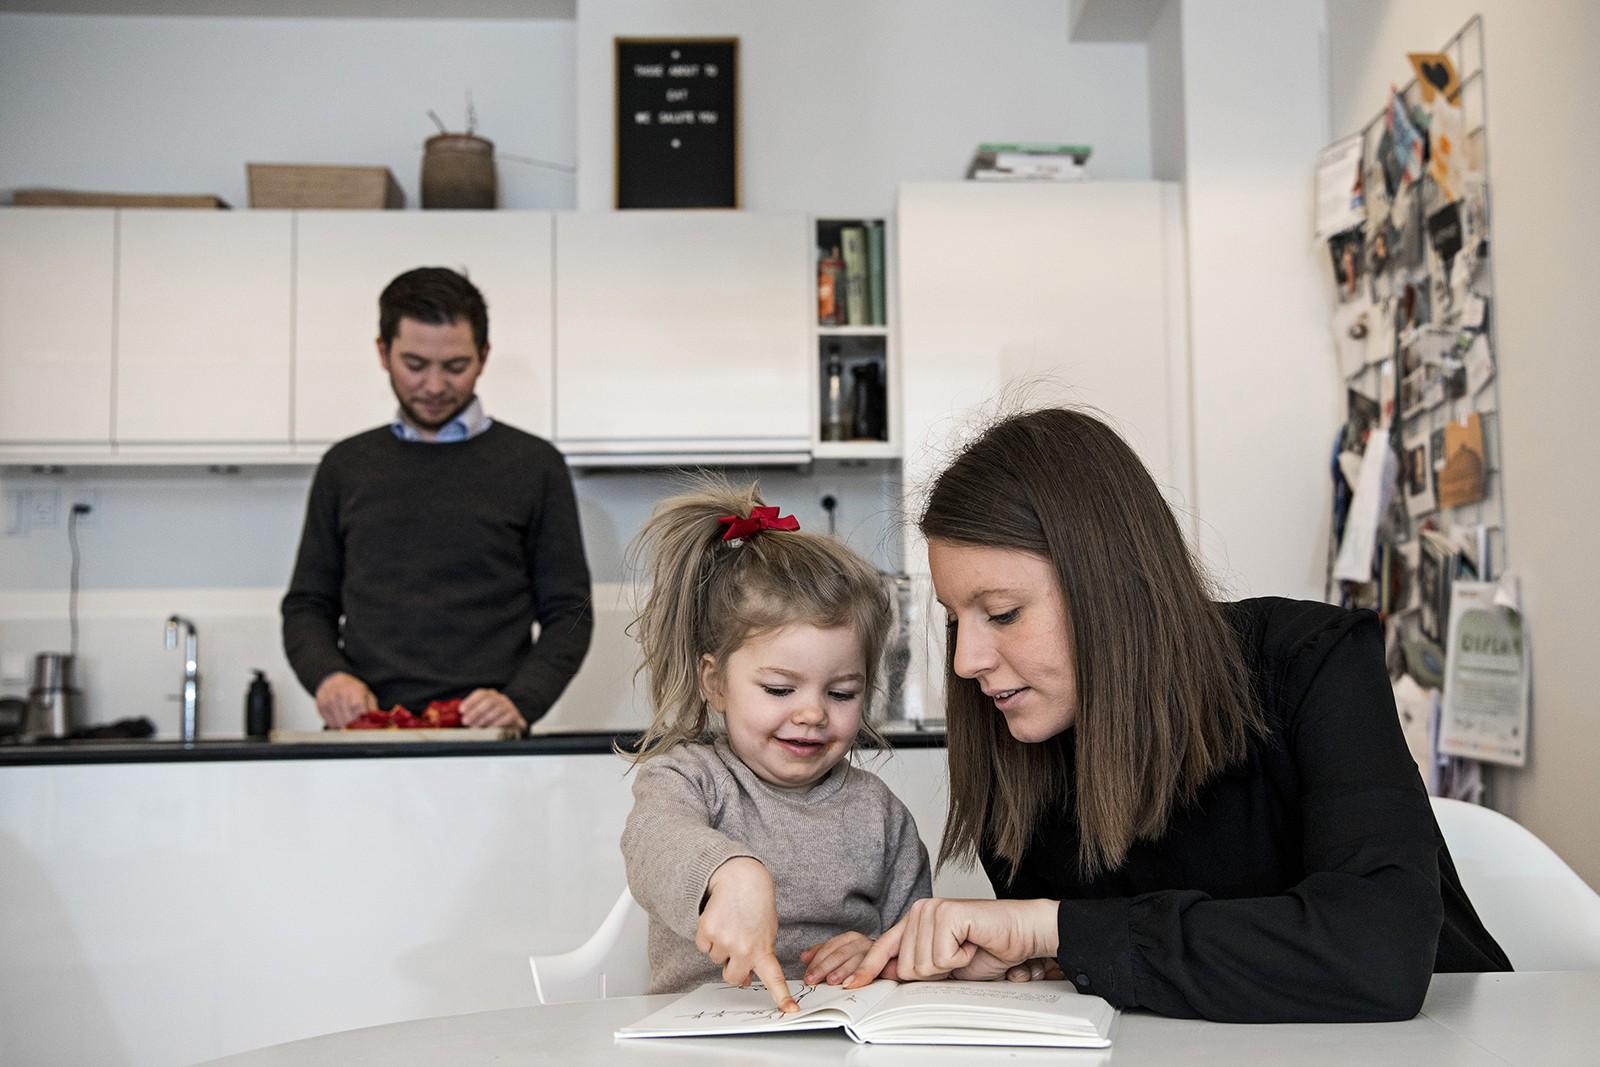 Familie i Nordhavn med fleksibel fjernvarme